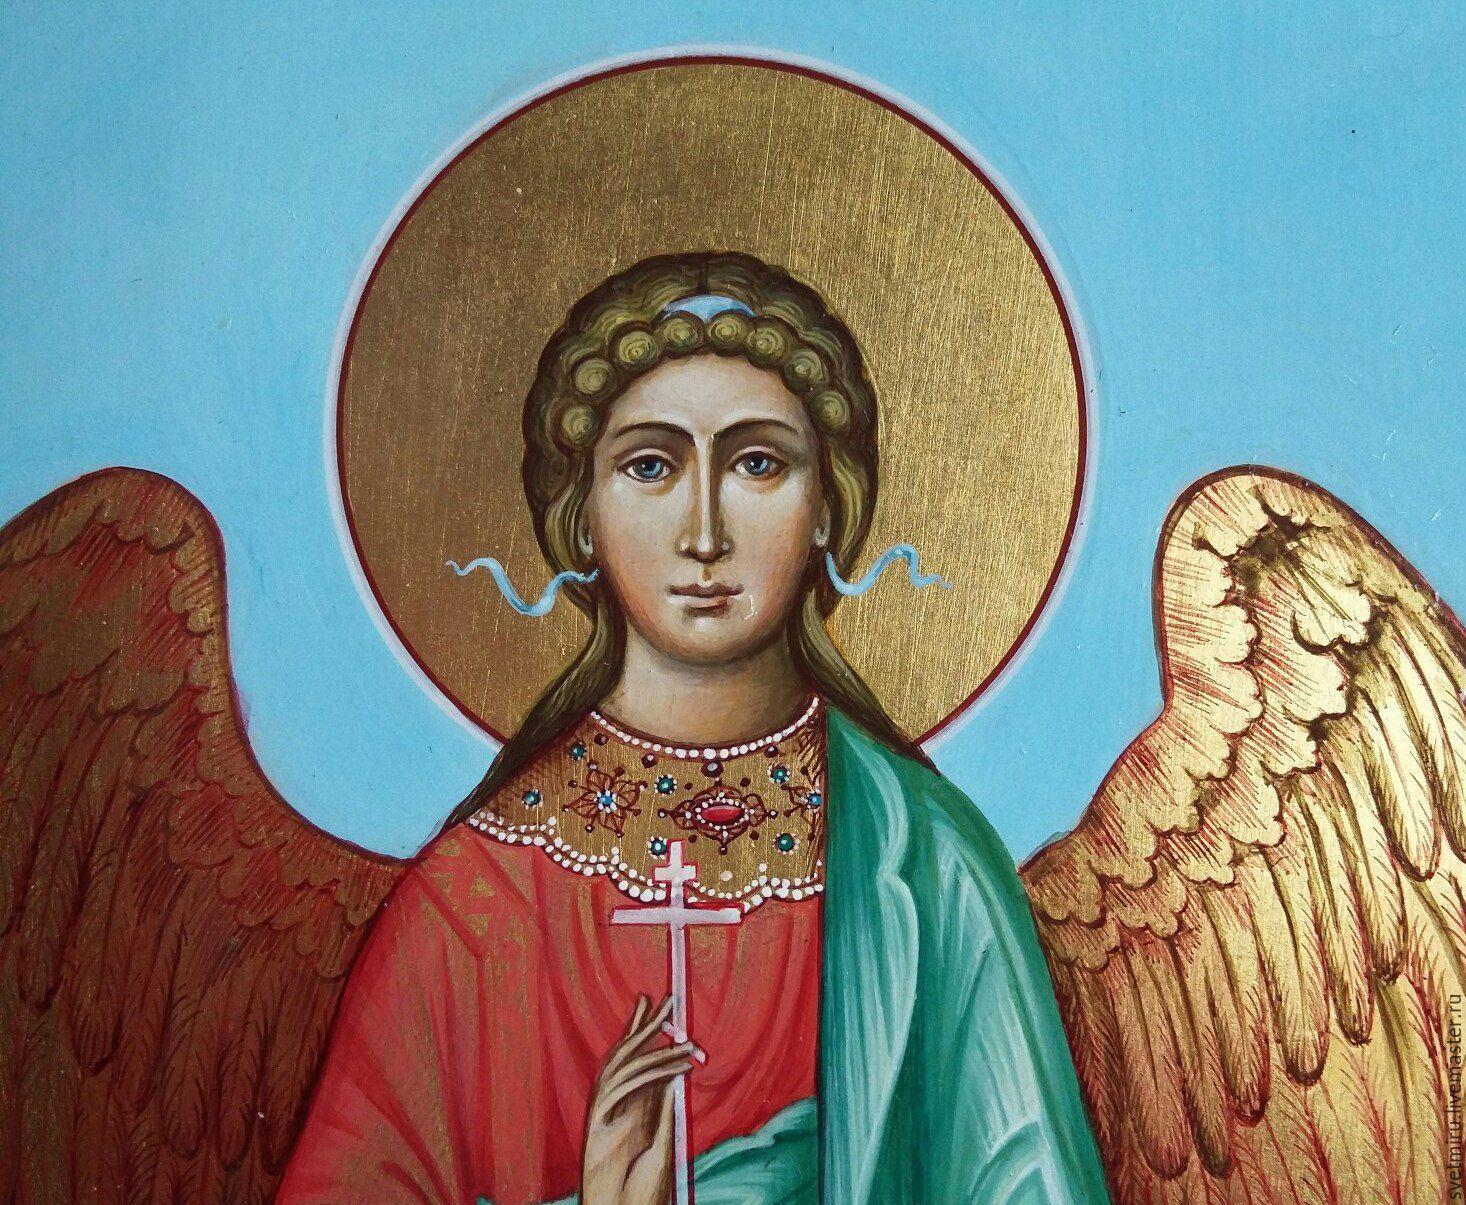 Молитва «Ангел мой, пойдем со мной, ты — впереди, я — за тобой»: как молиться